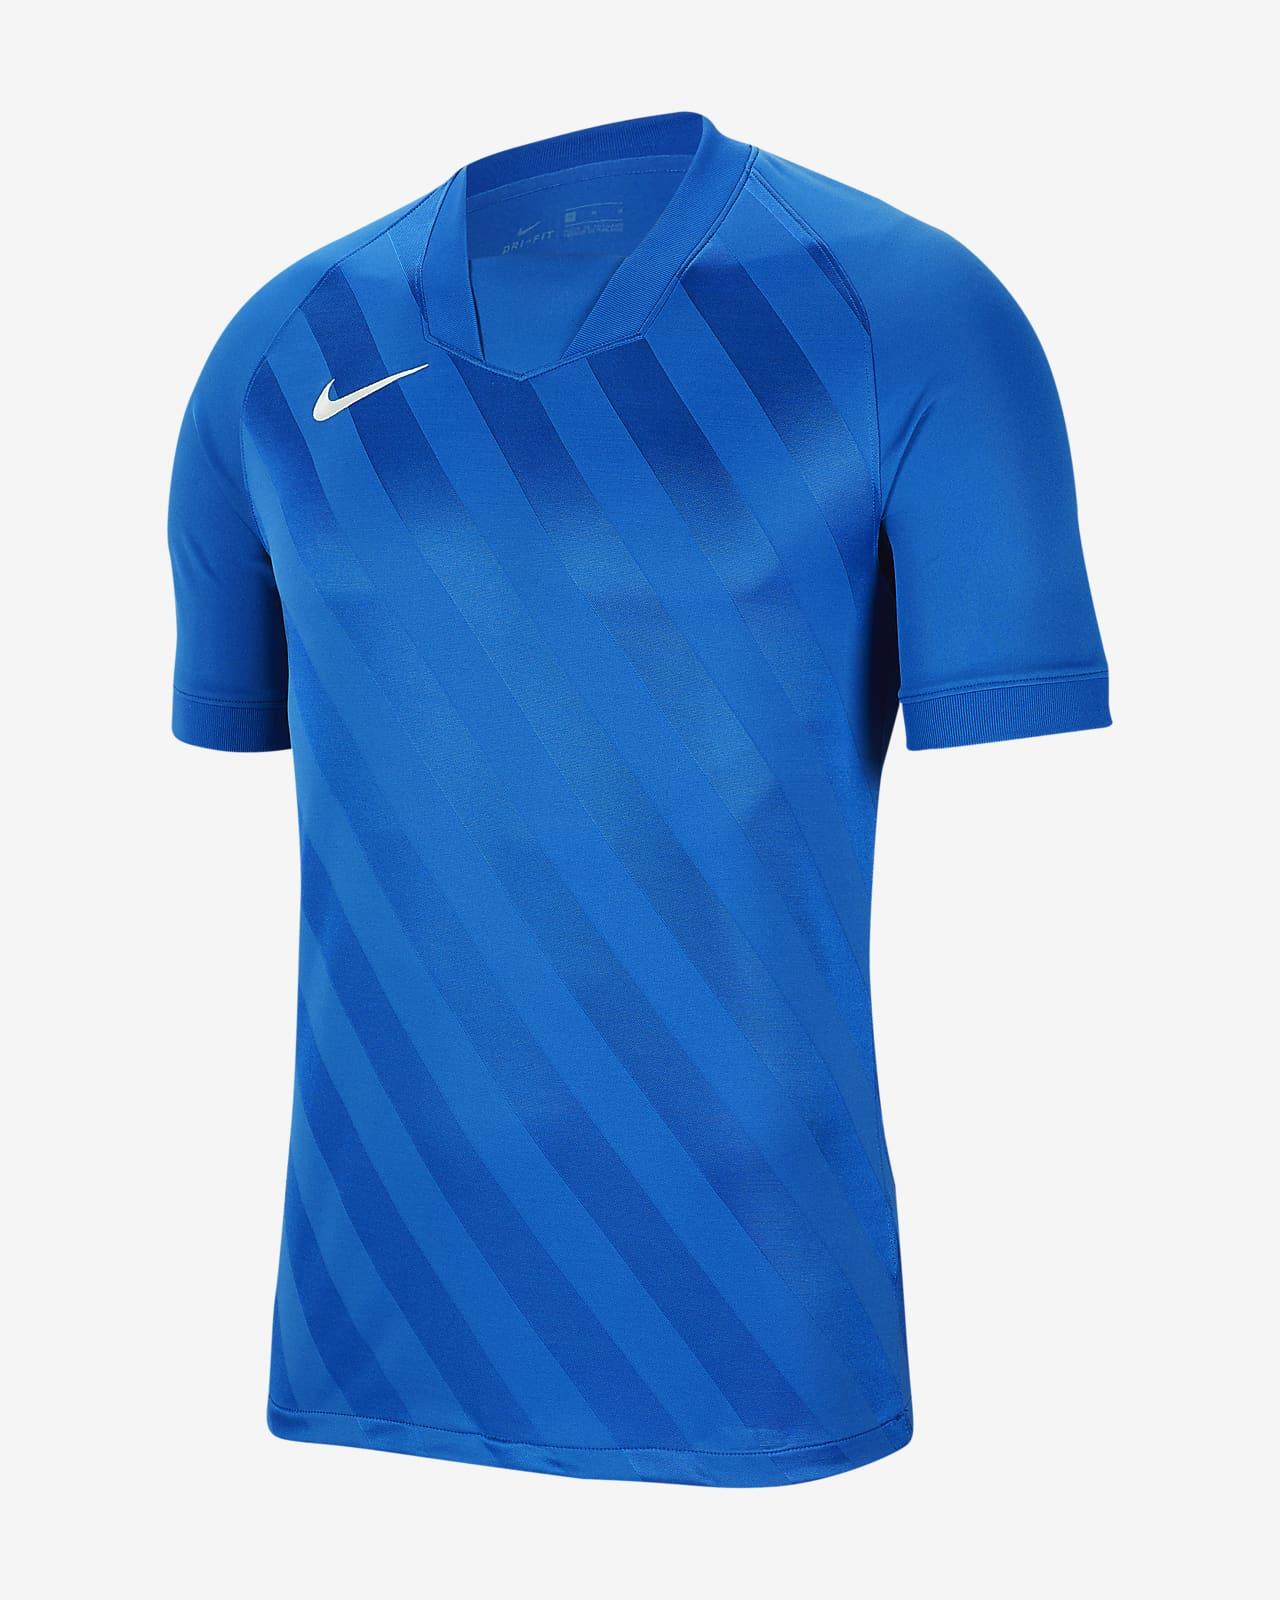 Nike Dri-FIT Challenge 3 Herren-Fußballtrikot